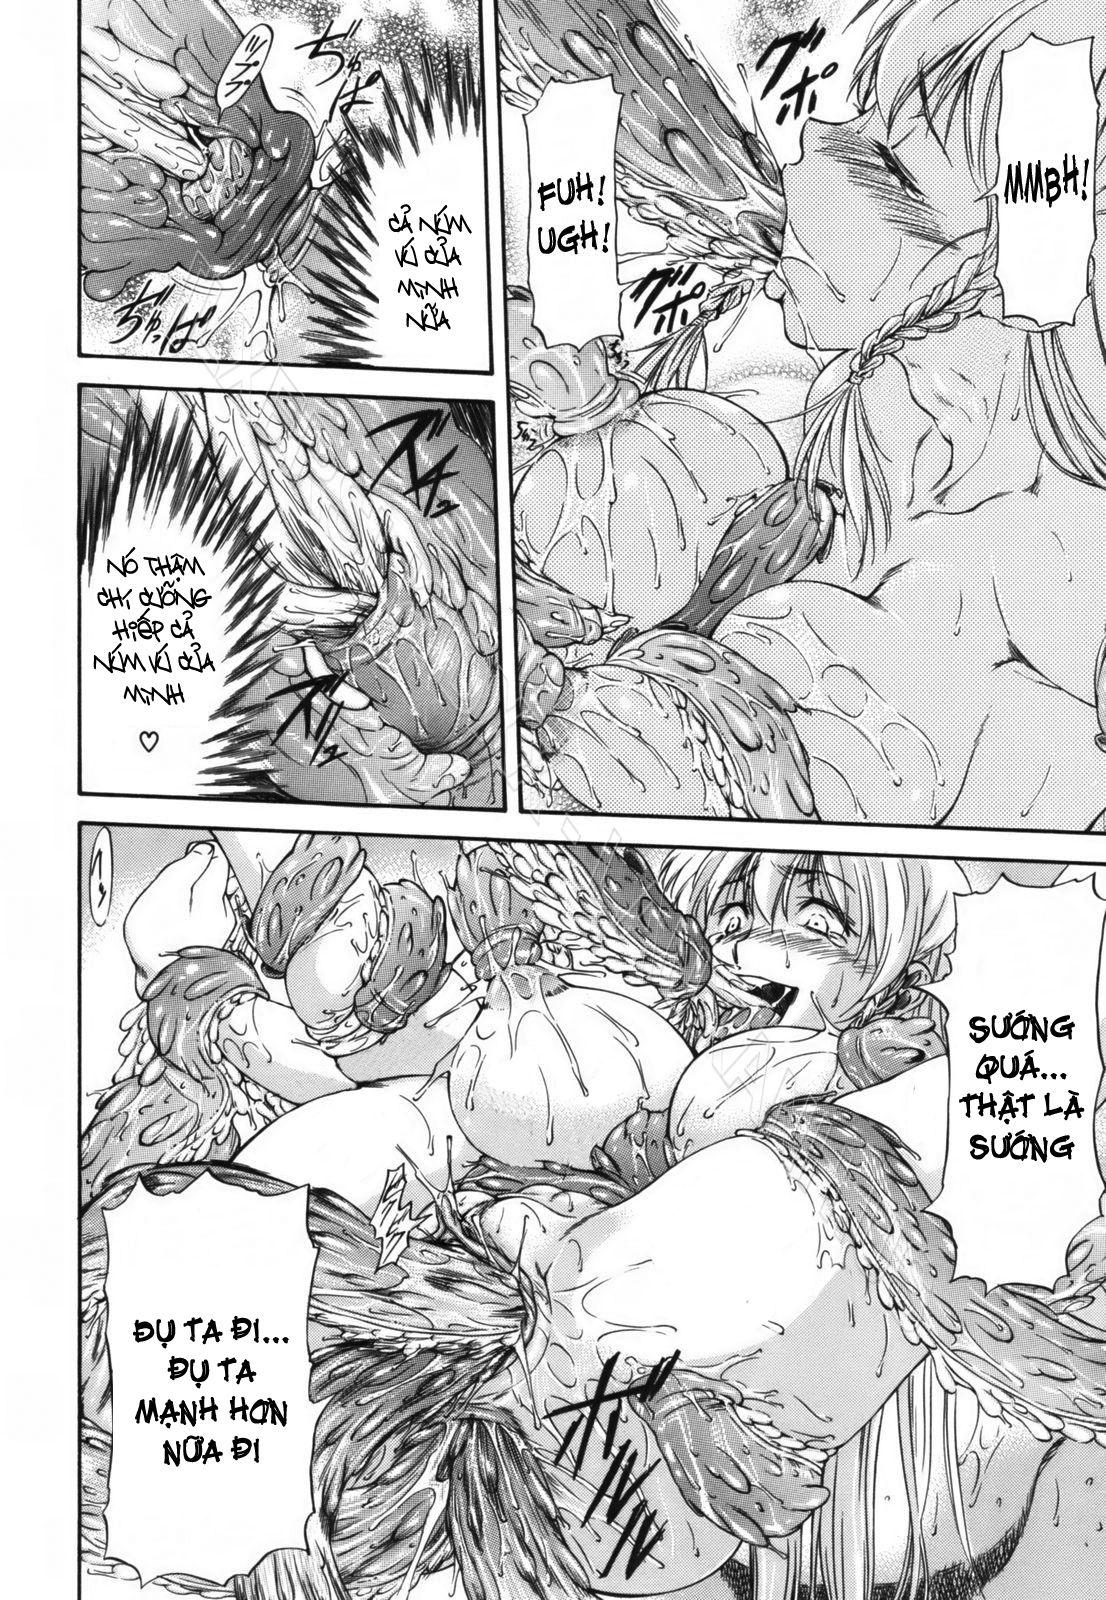 Hình ảnh Hinh_019 in Truyện tranh hentai không che: Parabellum